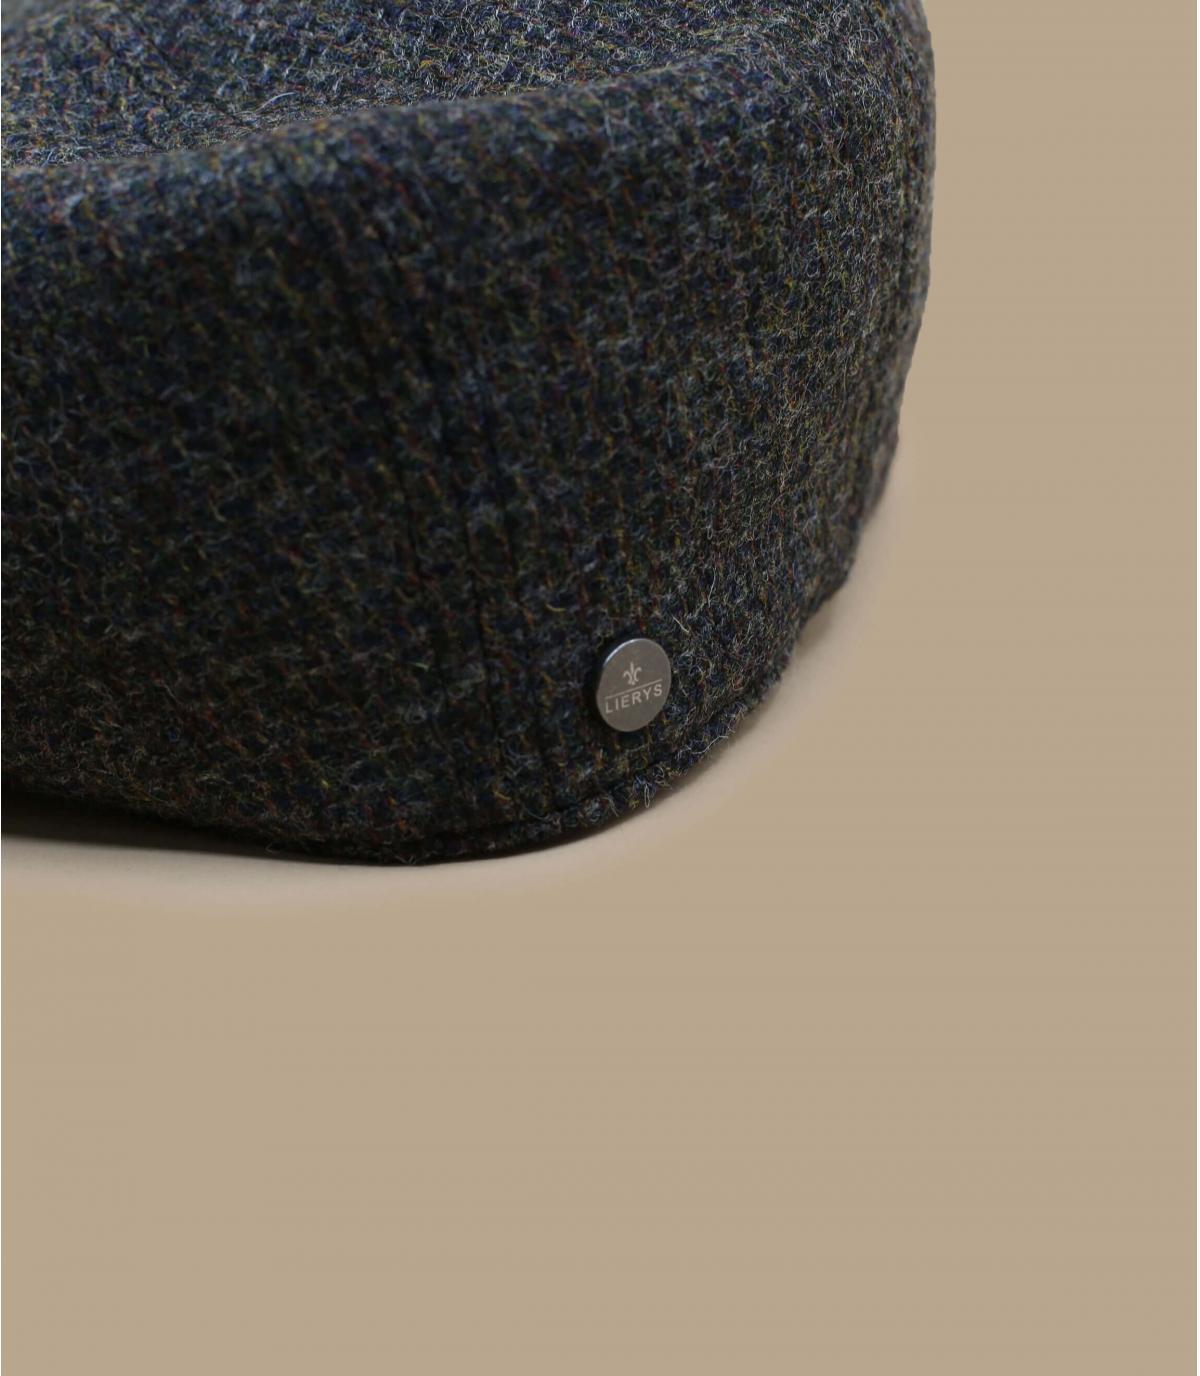 Details Britton Wool grey - Abbildung 2